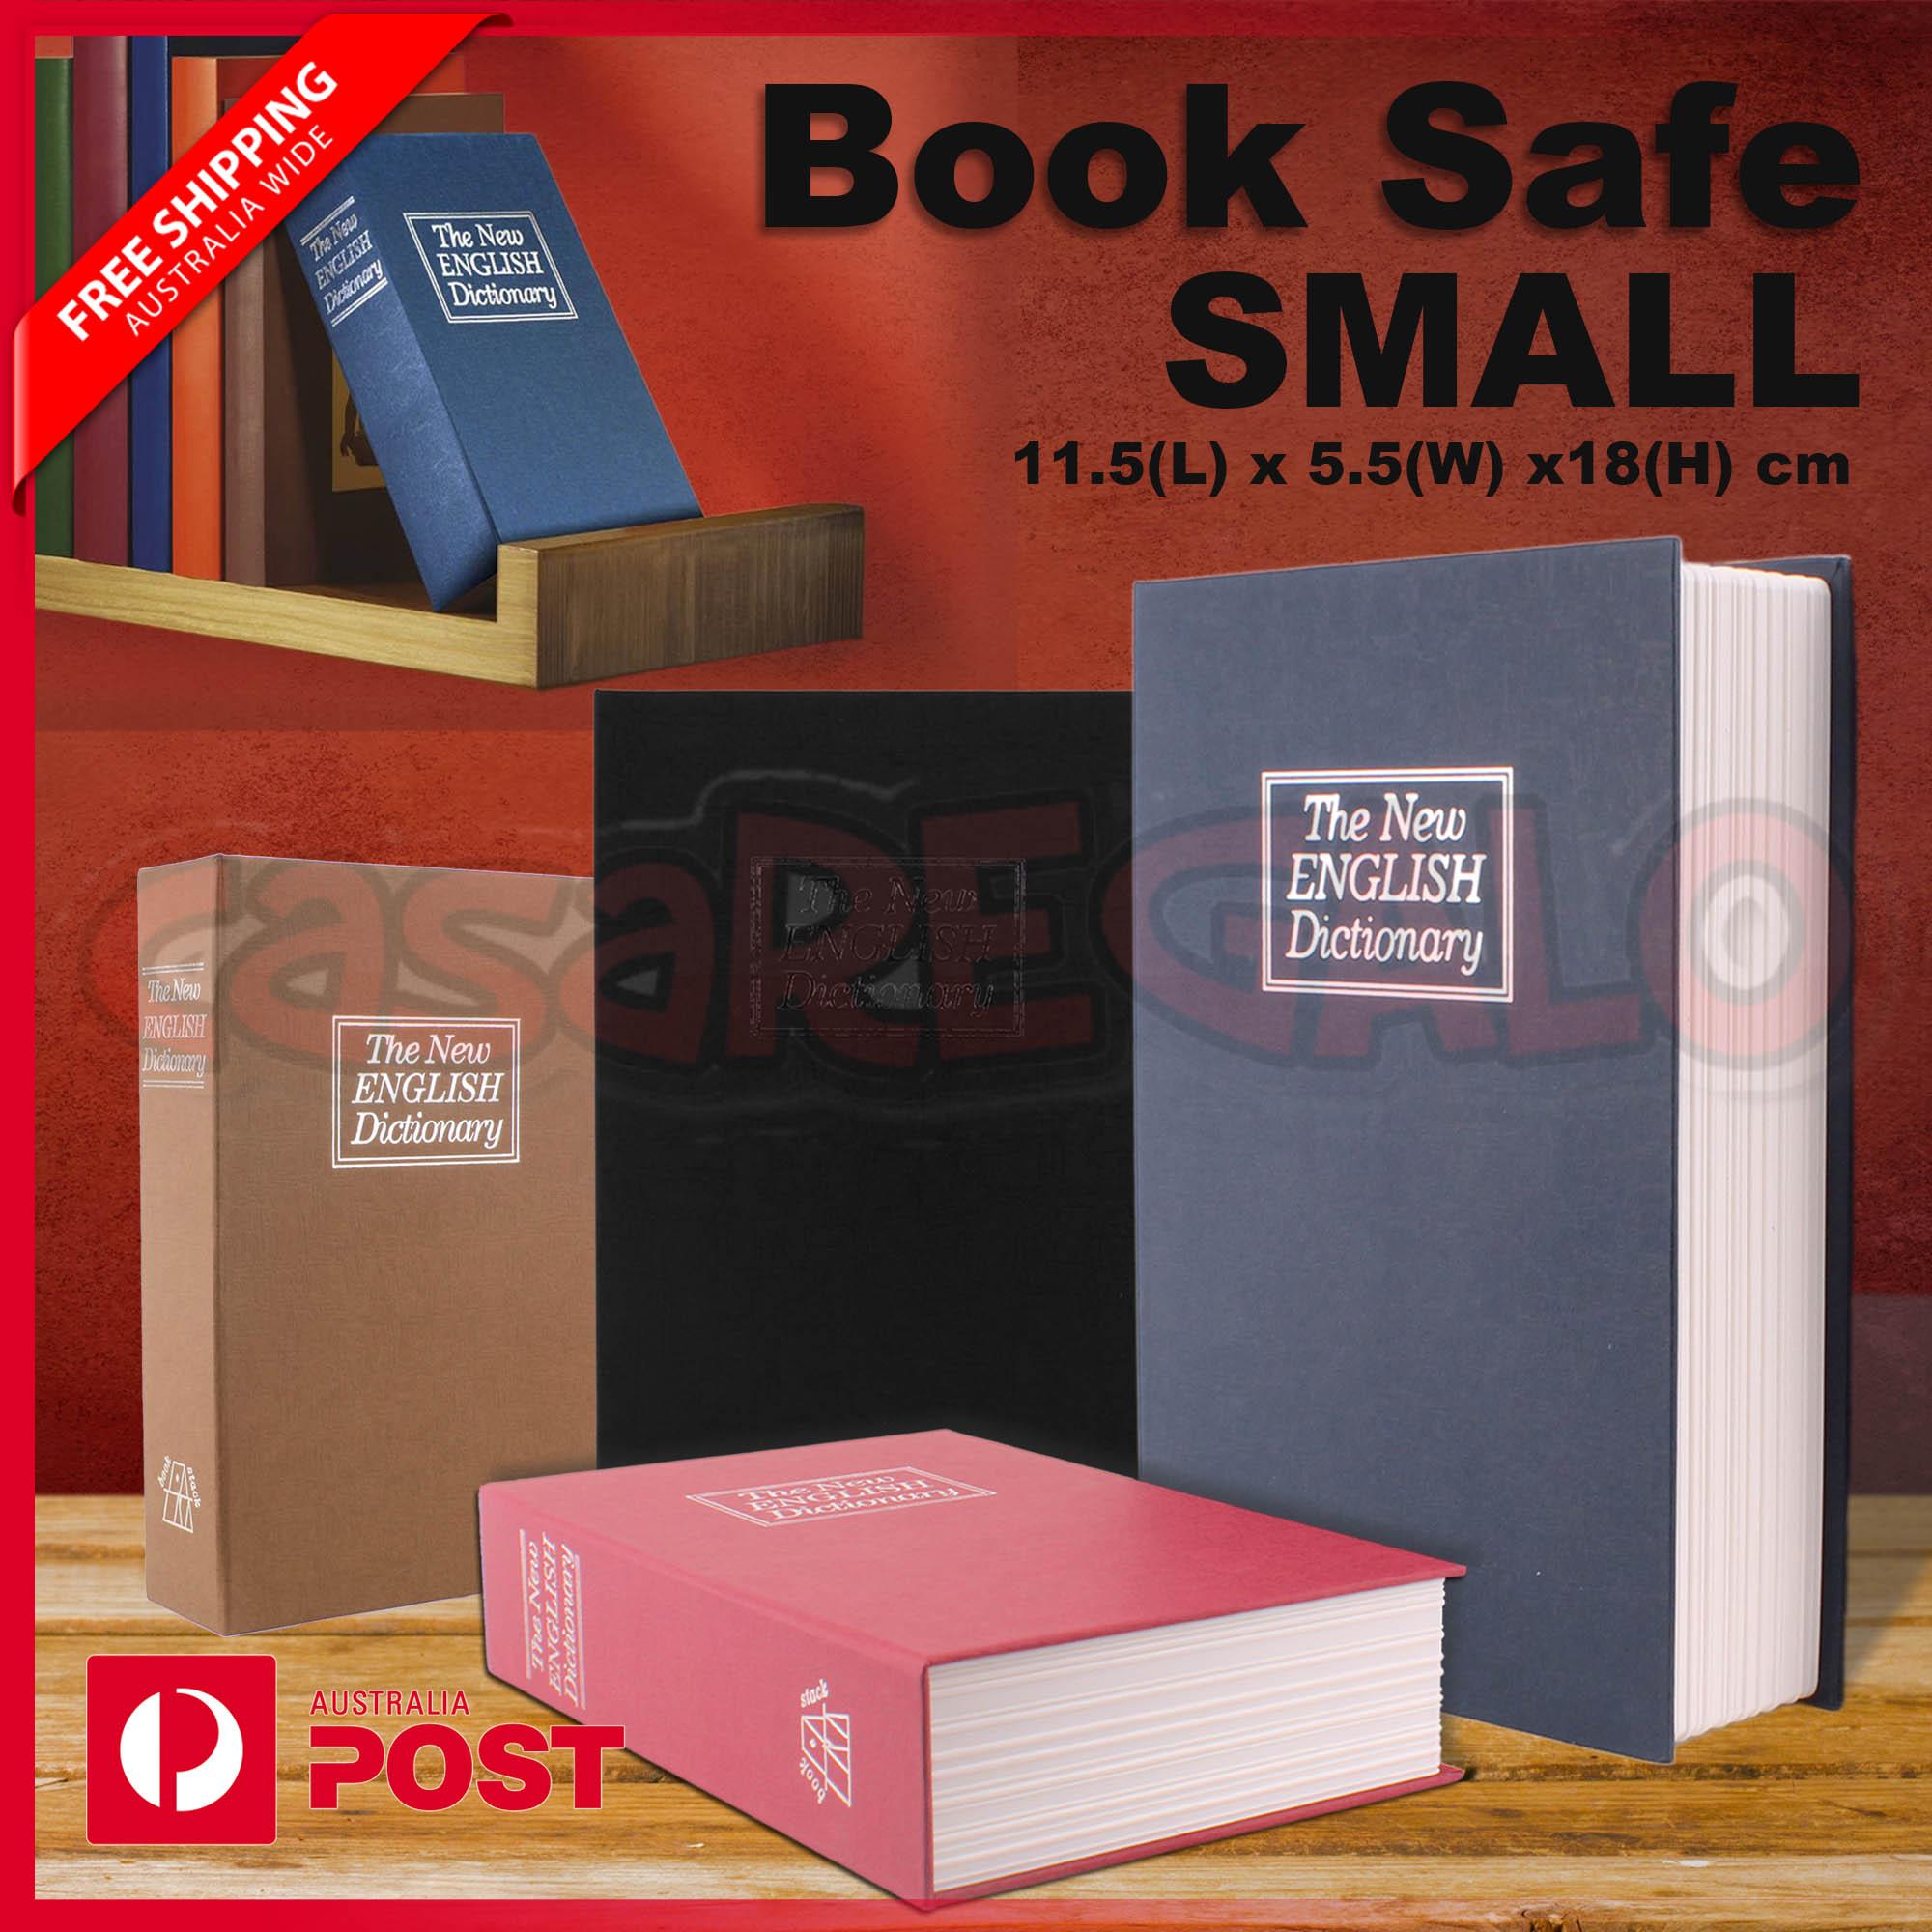 Dictionary Small Book Safe Box Secret Security Cash Money